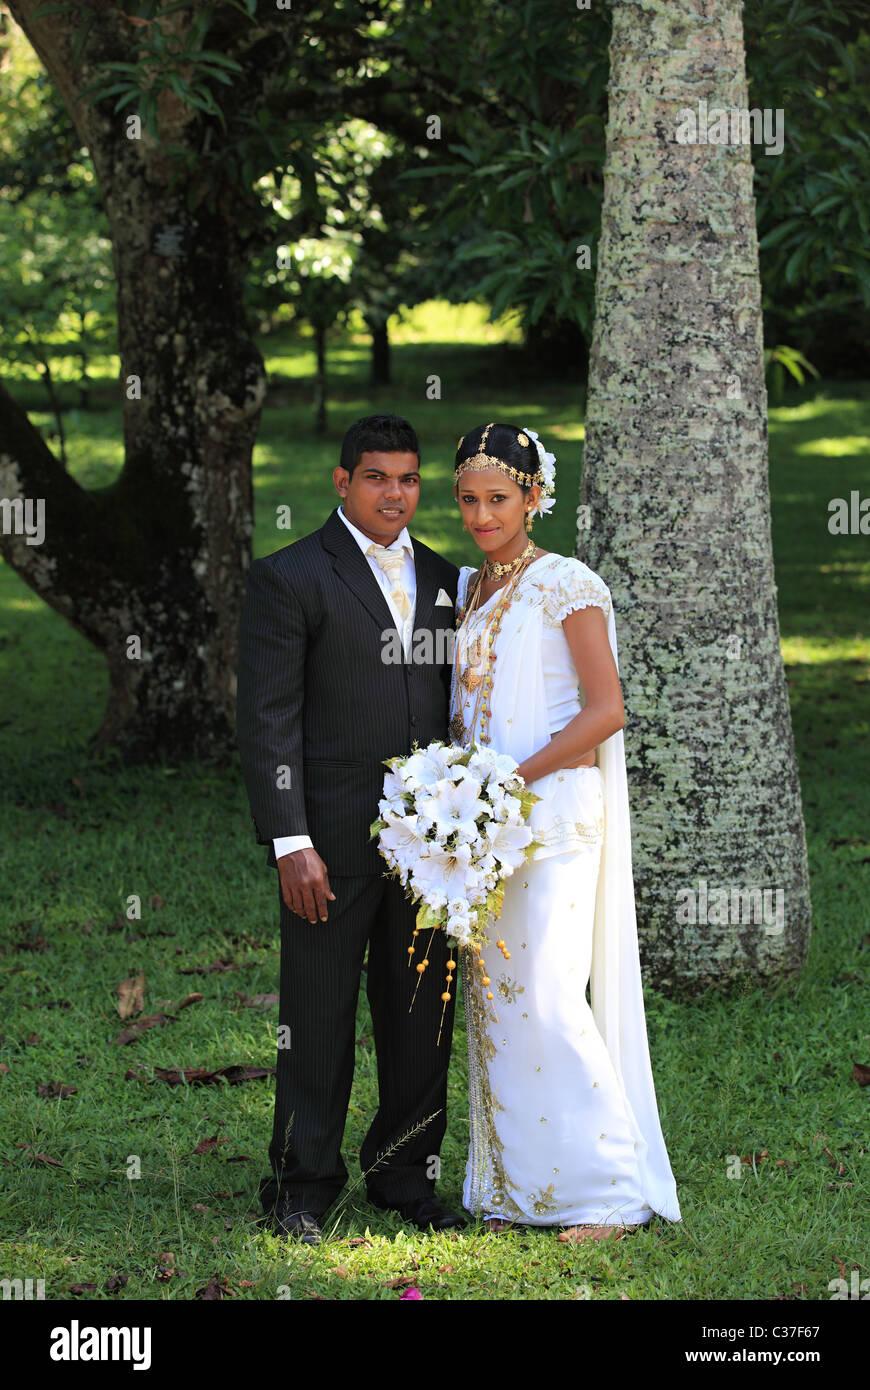 Großzügig Sri Lanka Hochzeit Dekorationen Galerie - Brautkleider ...